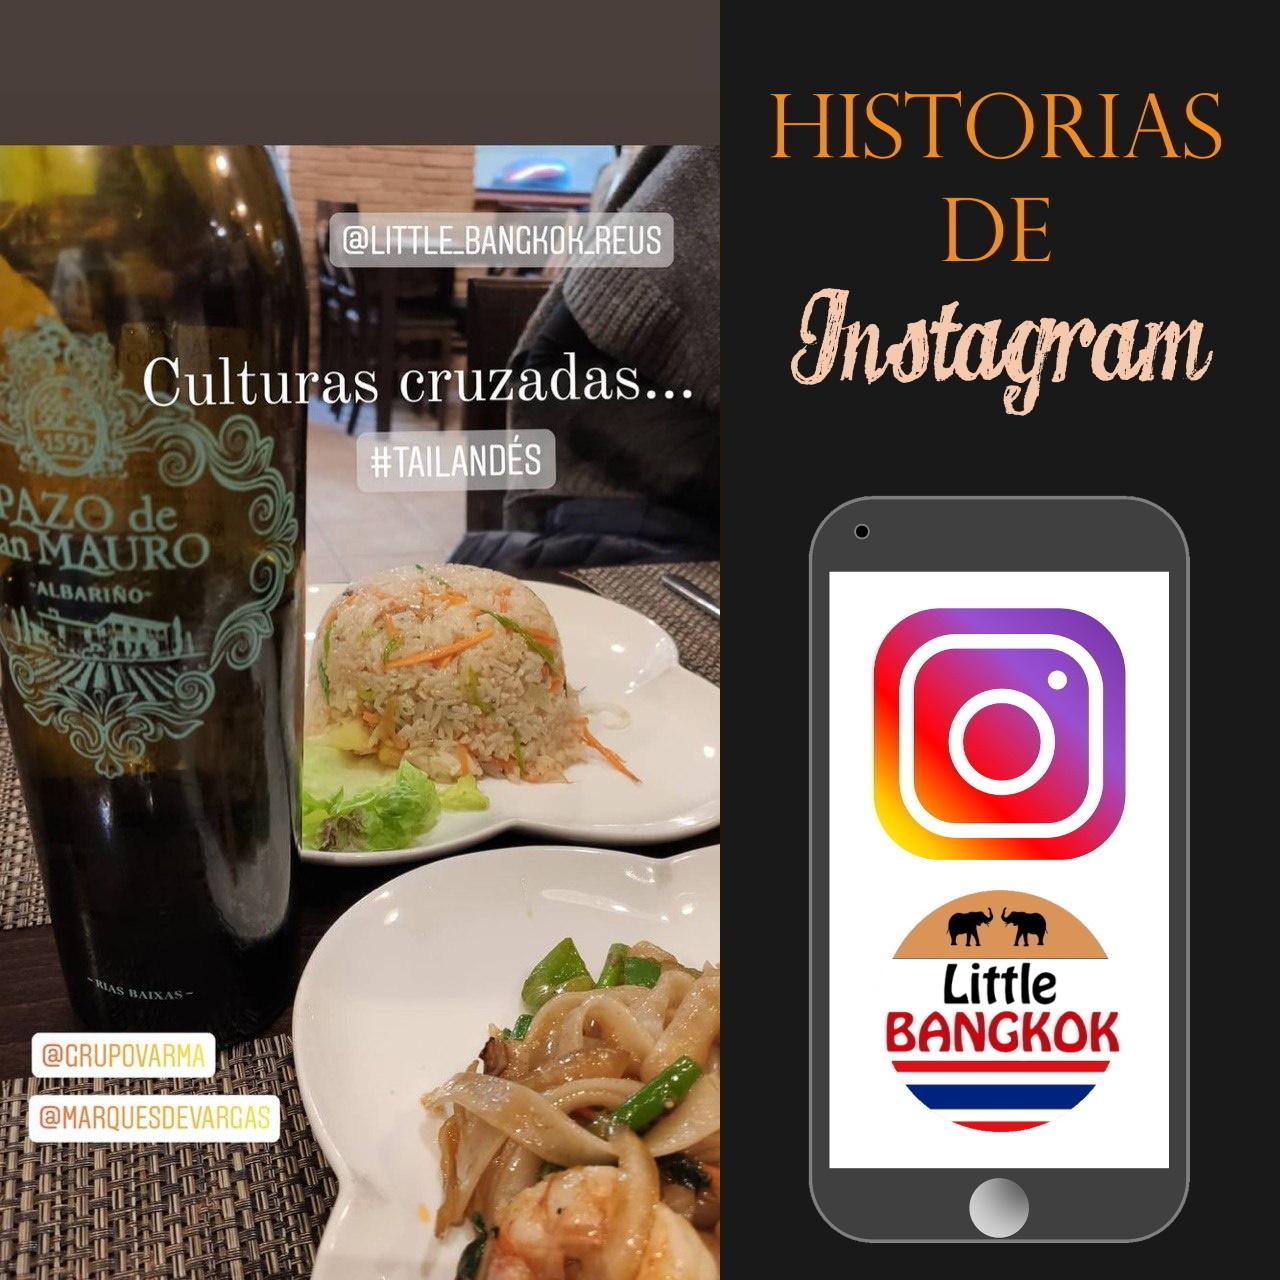 Historias de Instagram - 03 - Marzo 1